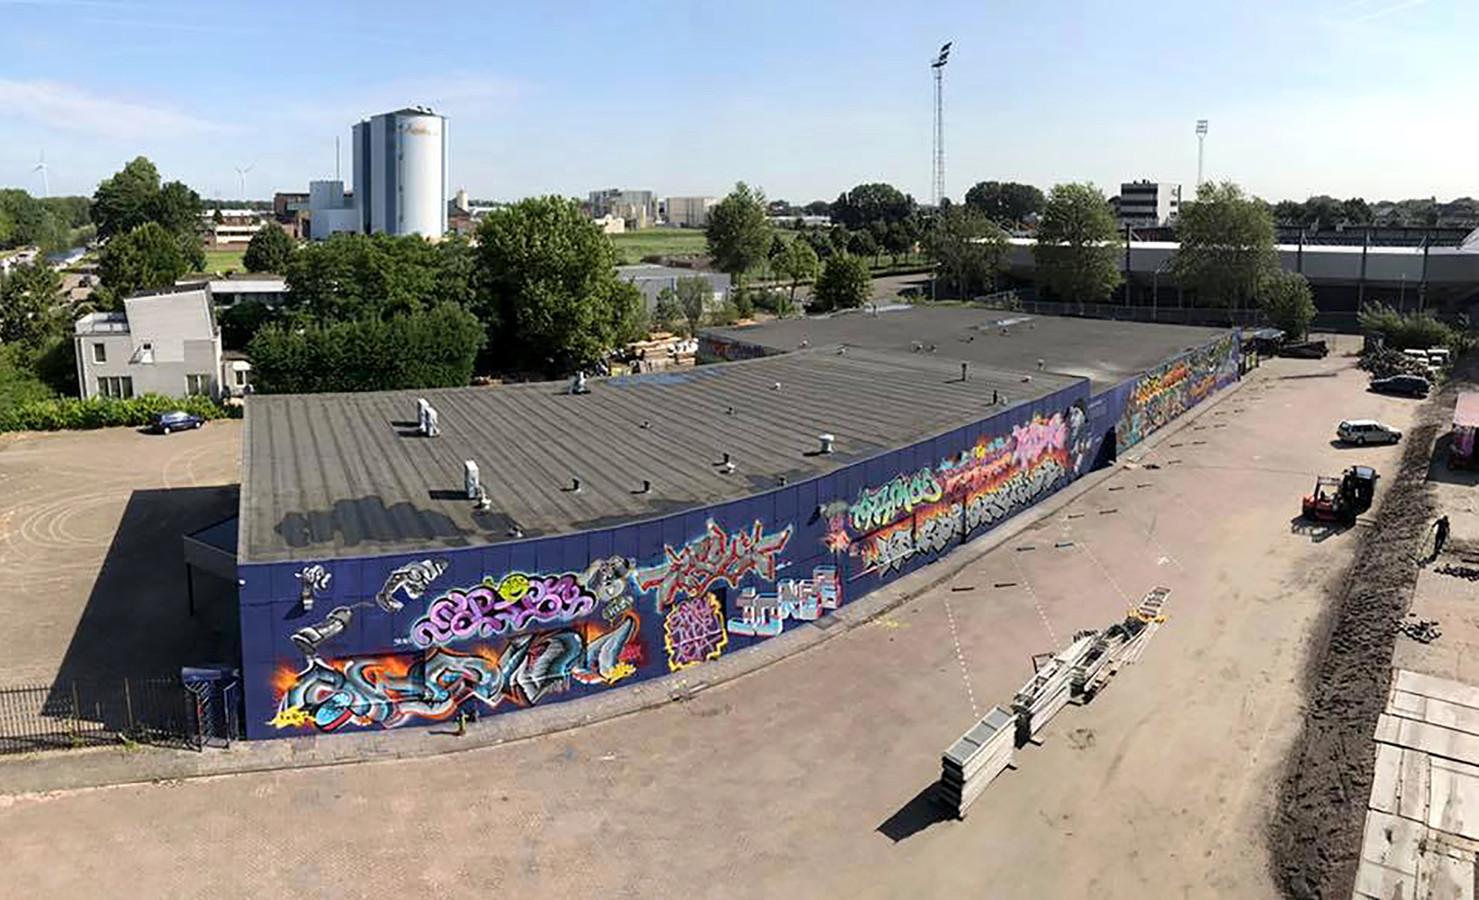 De vierde Graffiti Jam gaat in The Loods in Roosendaal nog groter worden. In het midden op de foto, tussen Suikerunie torens en voetbalstadion, de extra loods die bij Graffiti Jam 2018 betrokken wordt.